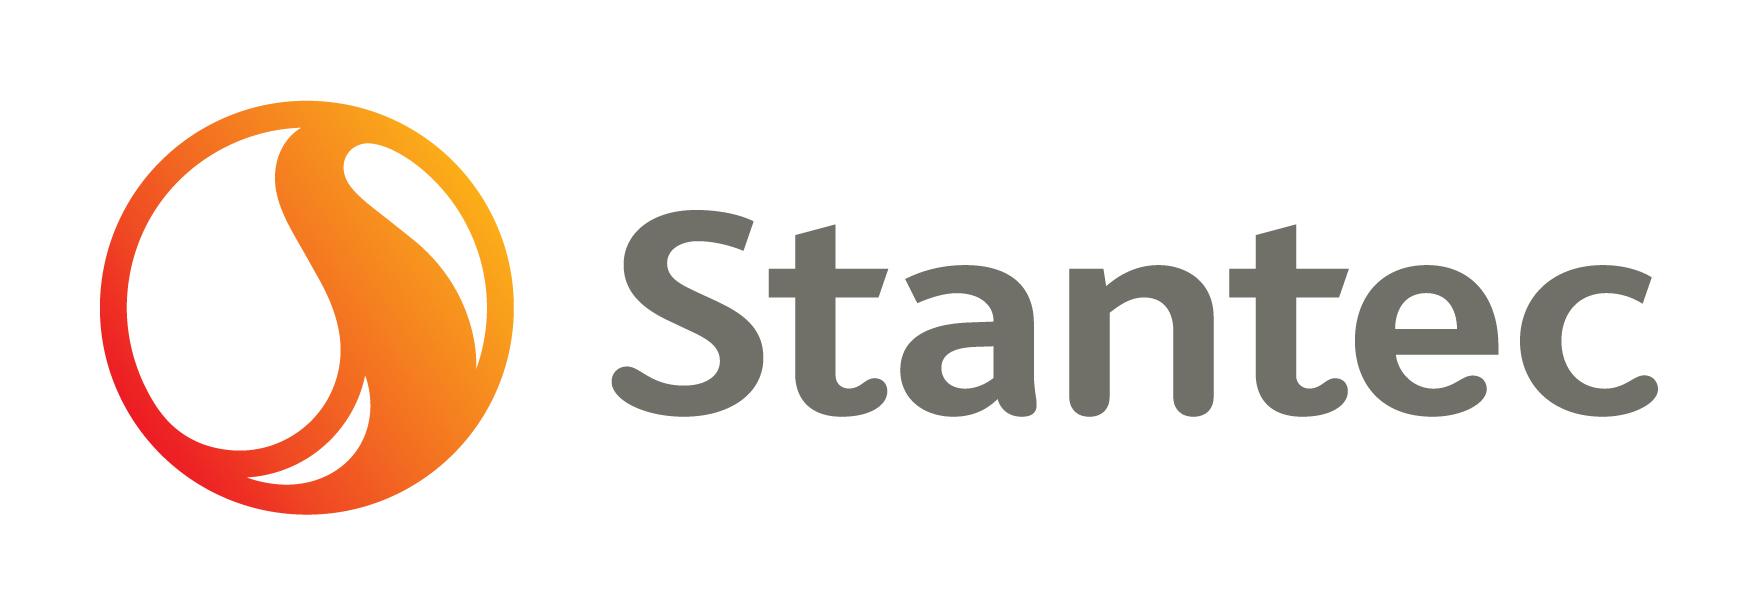 stantec_logo.JPG